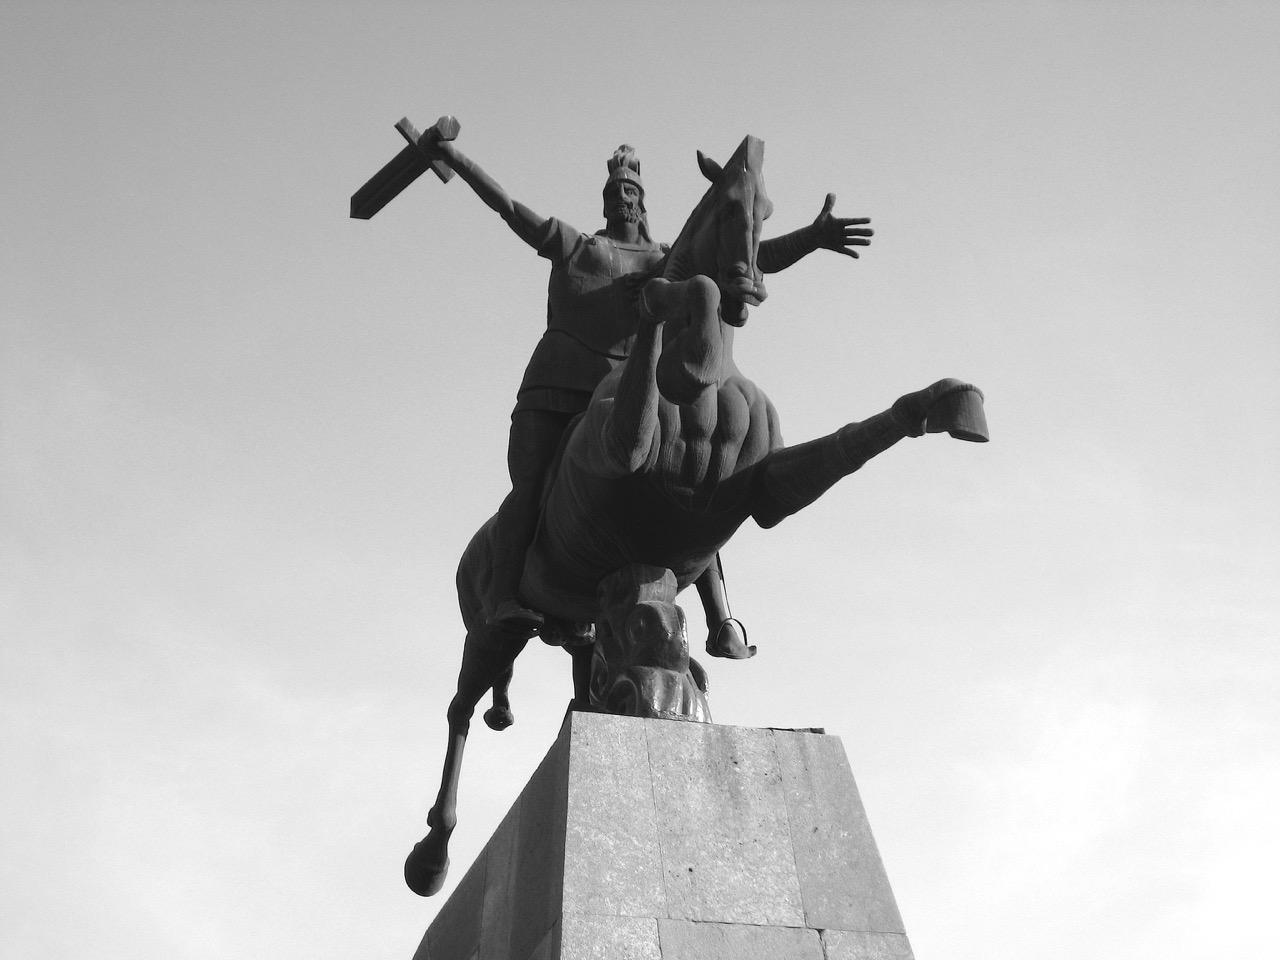 Foto: Denkmal. Aus: Eriwan. Kapitel 4. Aufzeichnungen aus Armenien von Marc Degens.